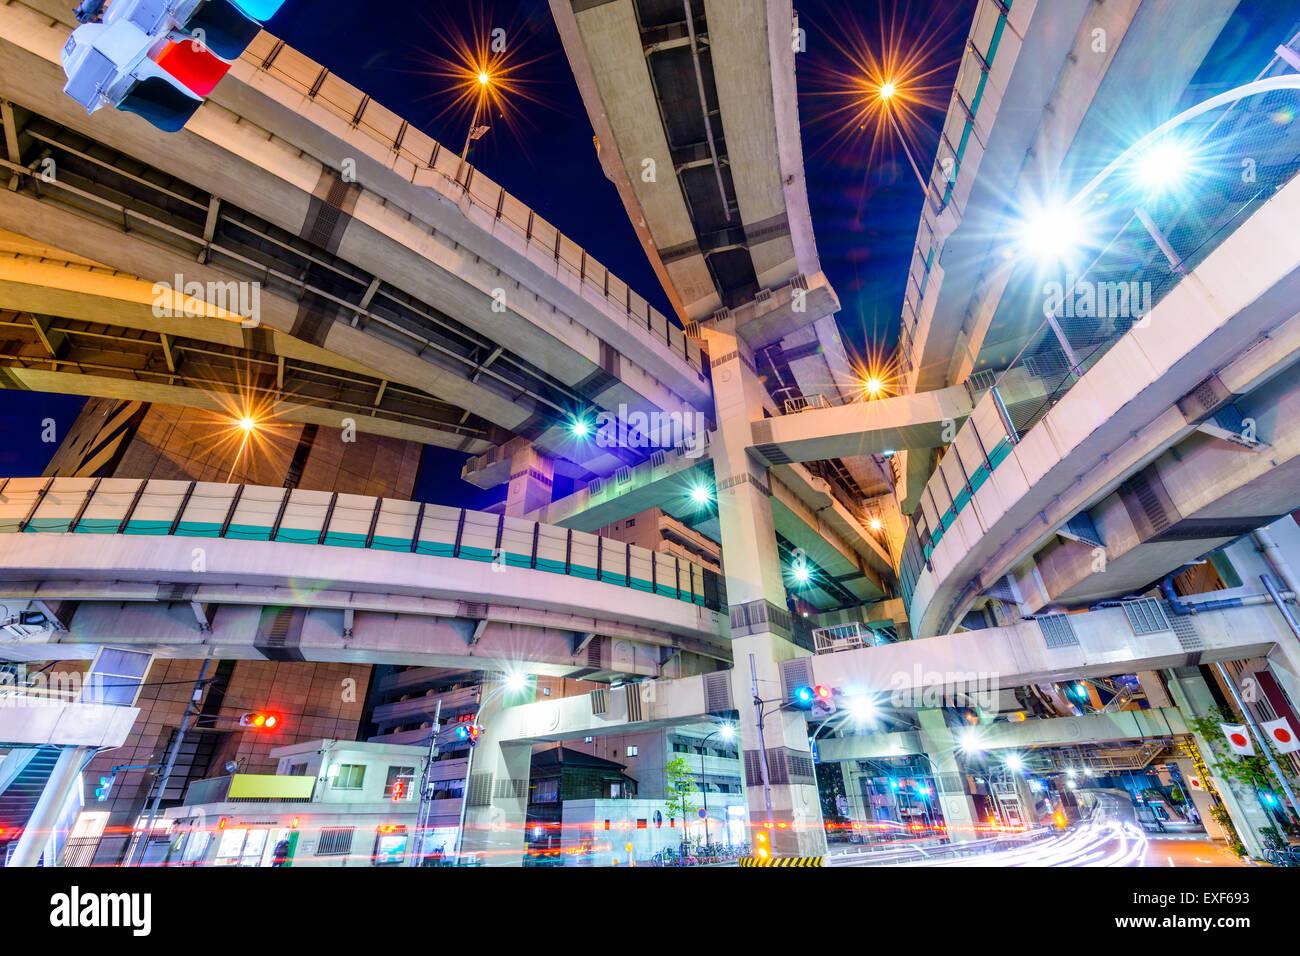 Stadtbild und Expressway Kreuzung, Tokio, Japan. Stockbild